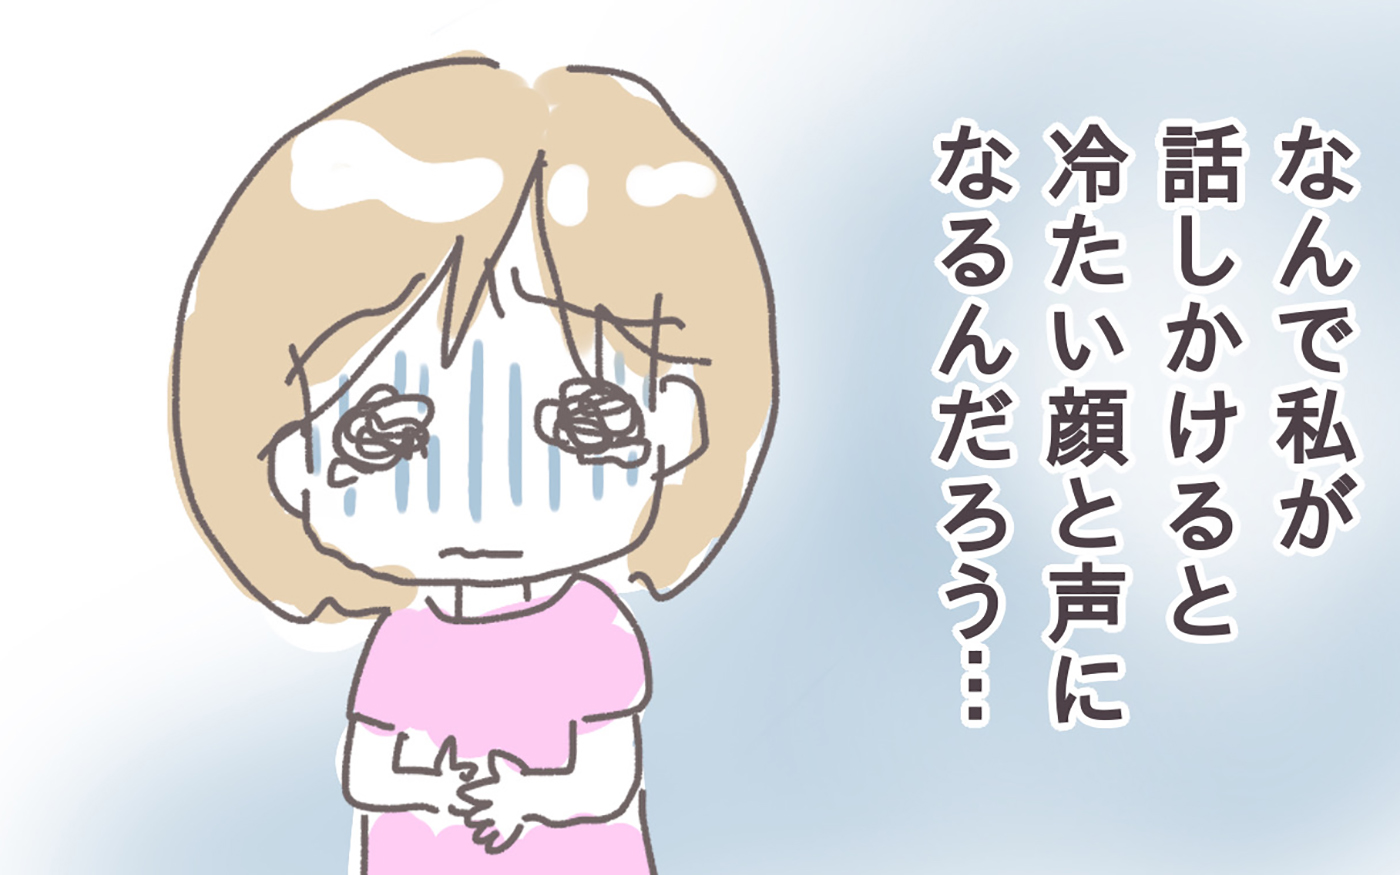 母と話せるのは「叱られるとき」だけ…どうして私にだけ怖い顔になるの?